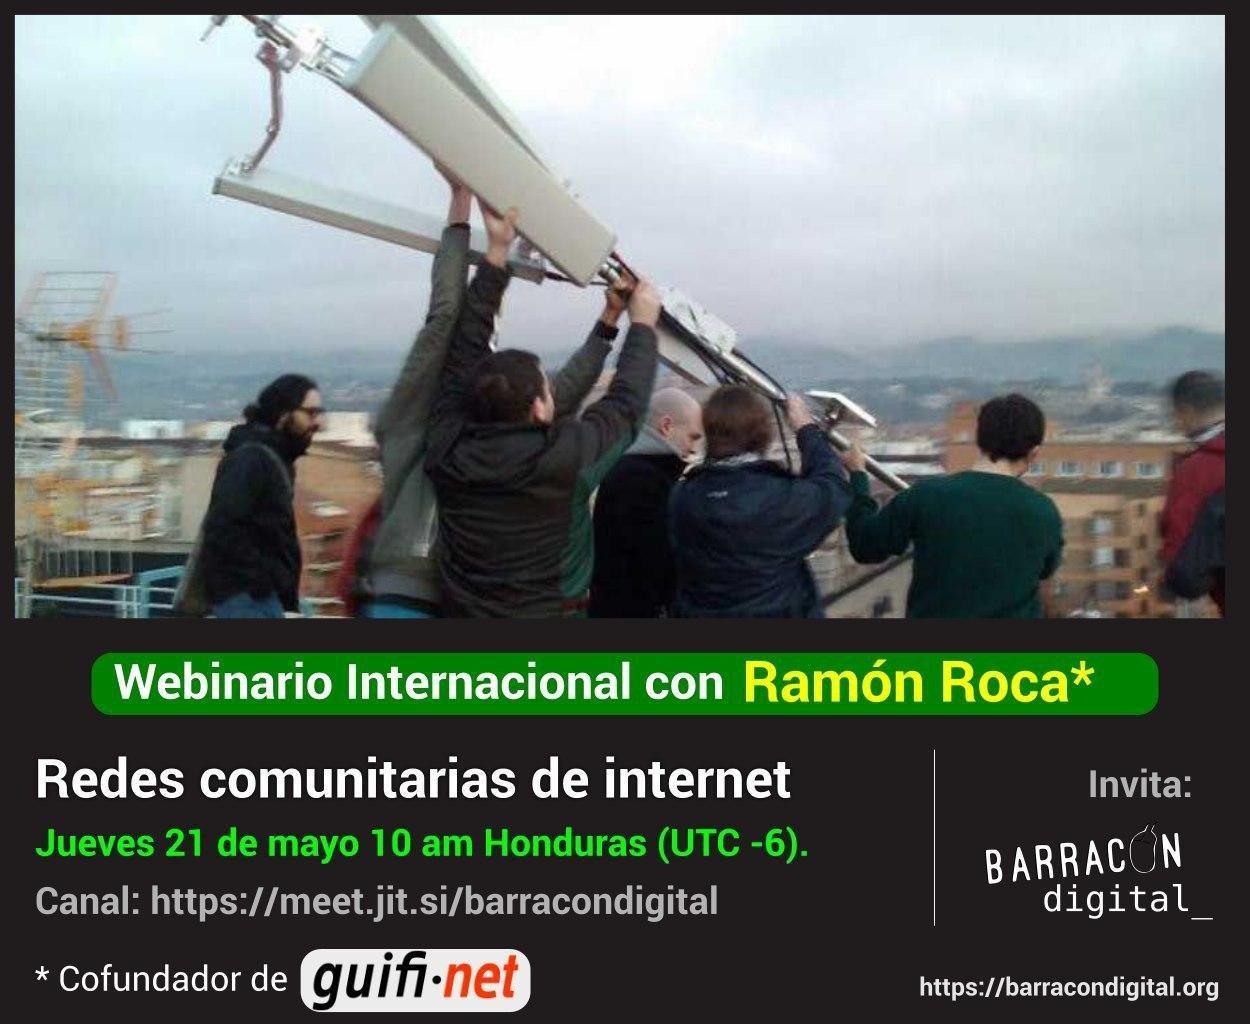 Redes comunitarias de internet